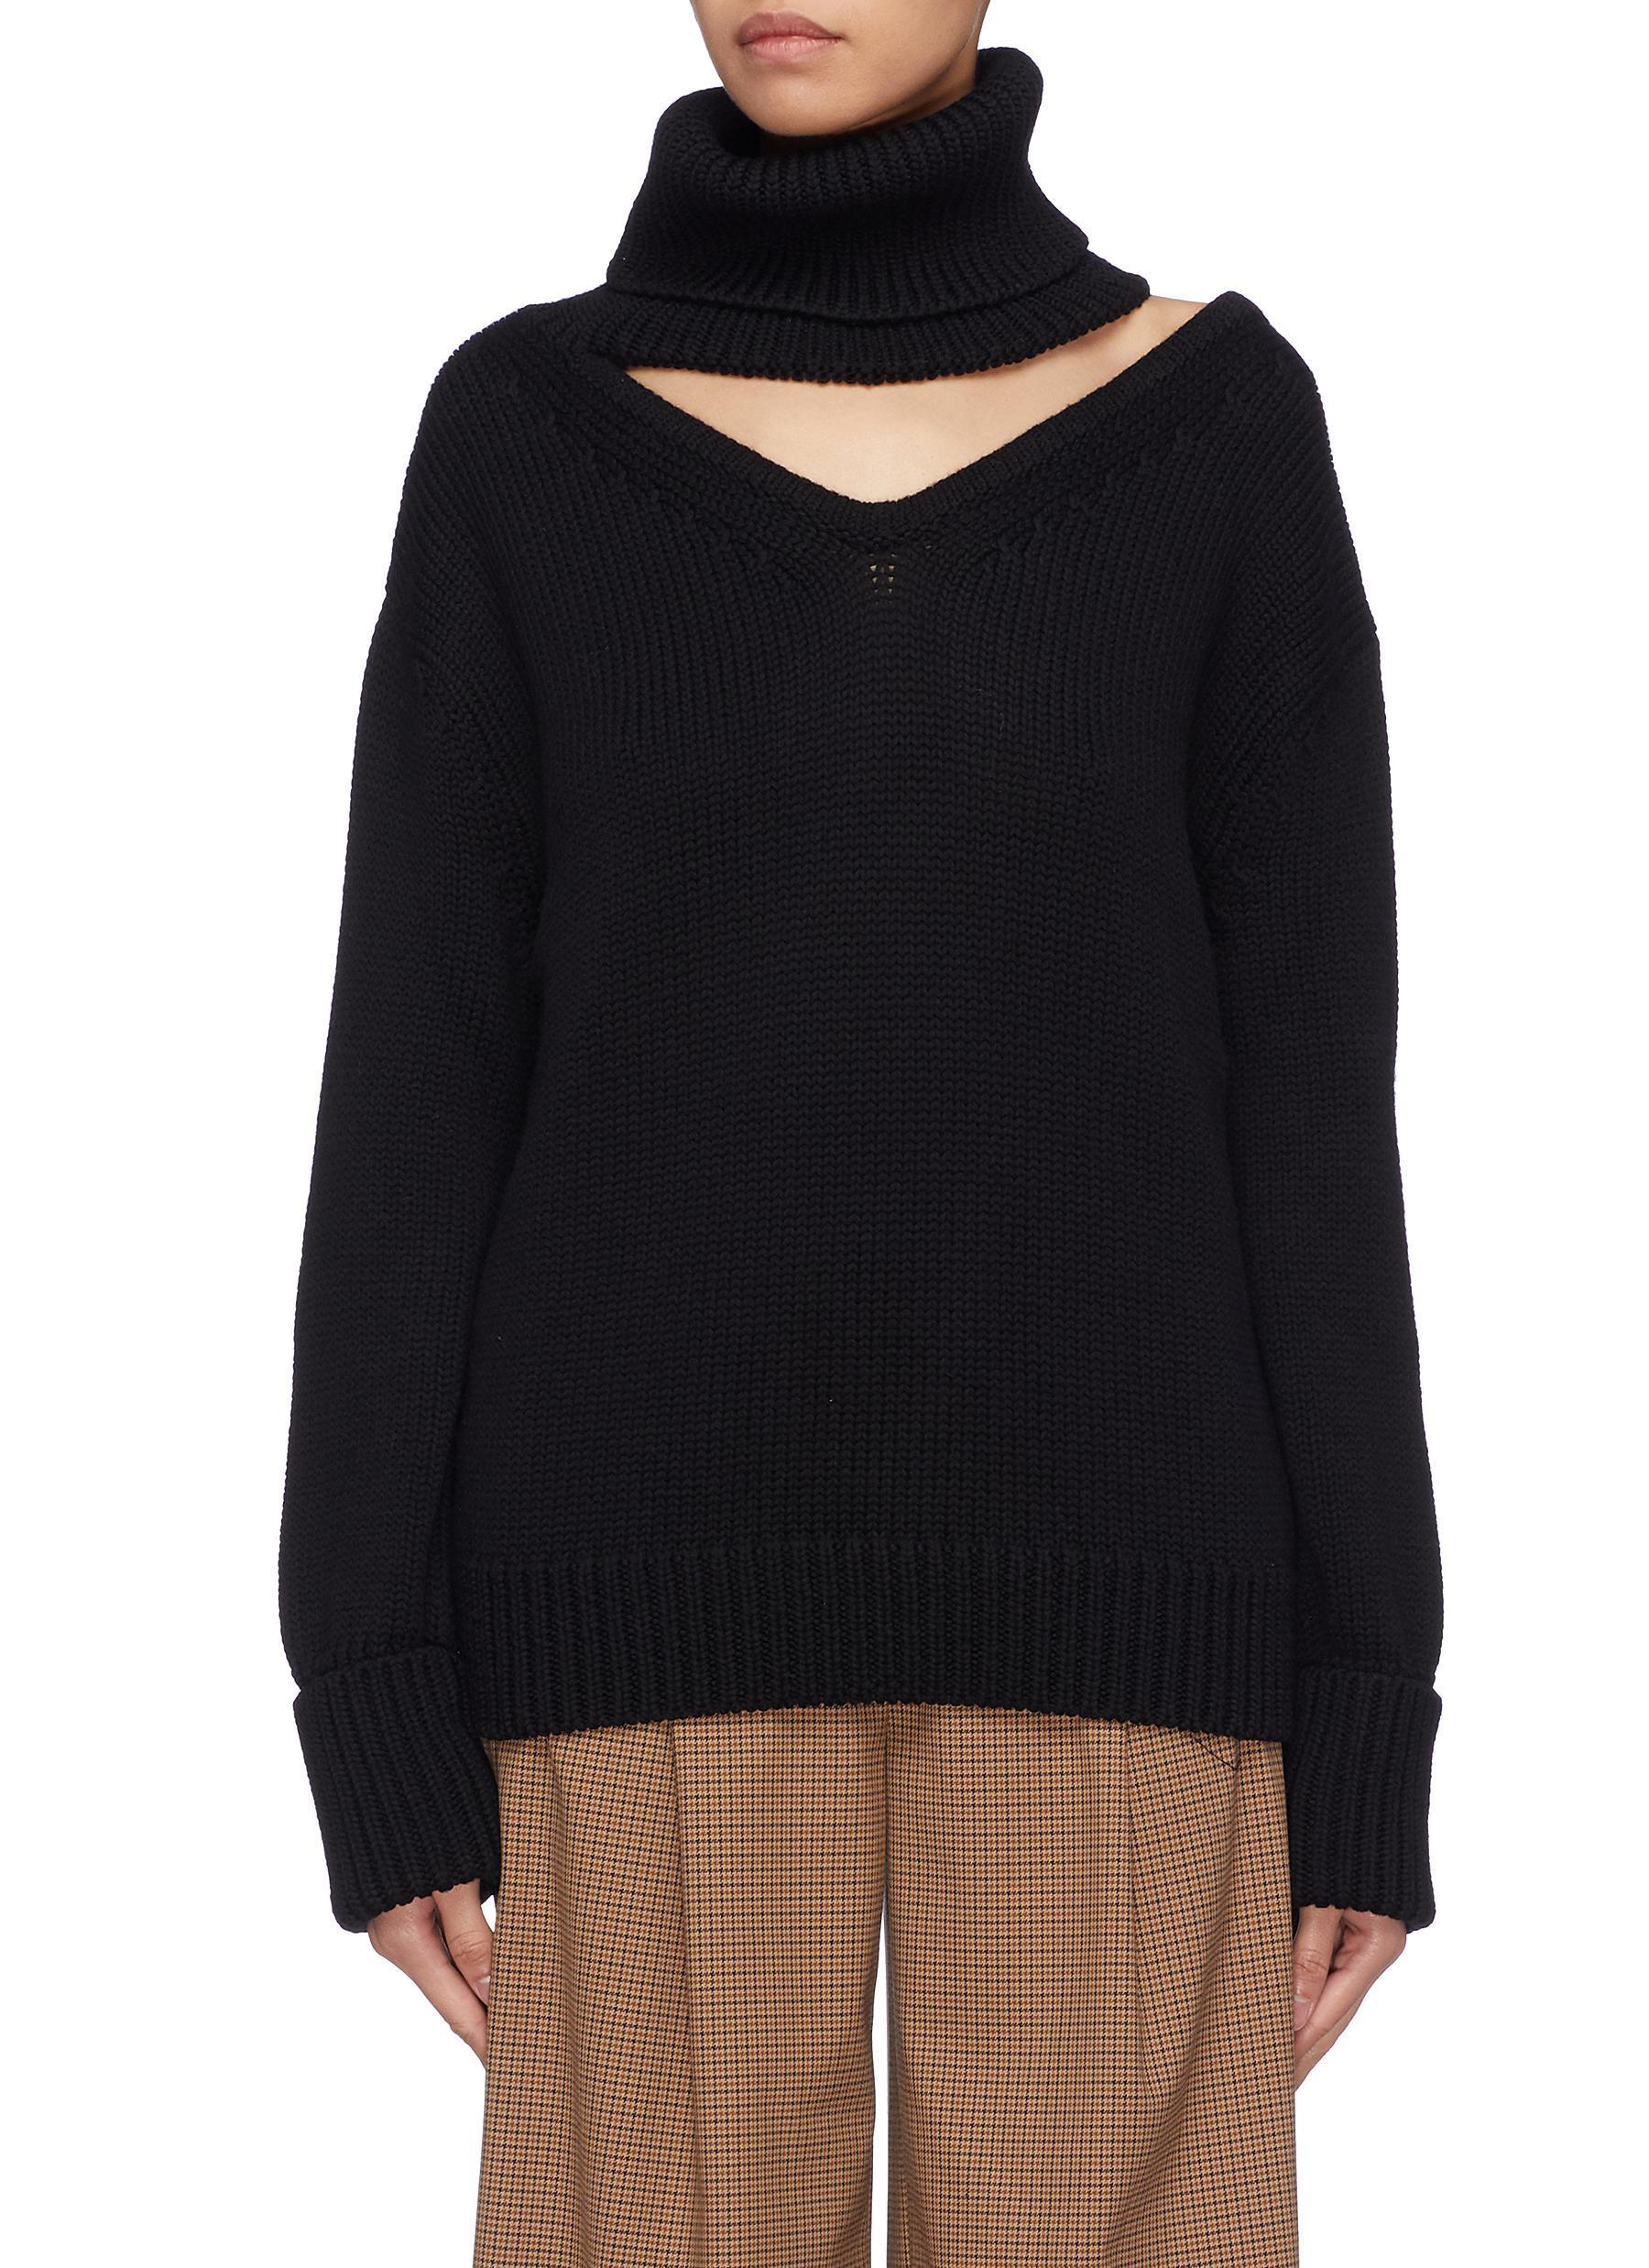 Monse Cutout Yoke One Shoulder Wool Turtleneck Sweater In Black Lyst